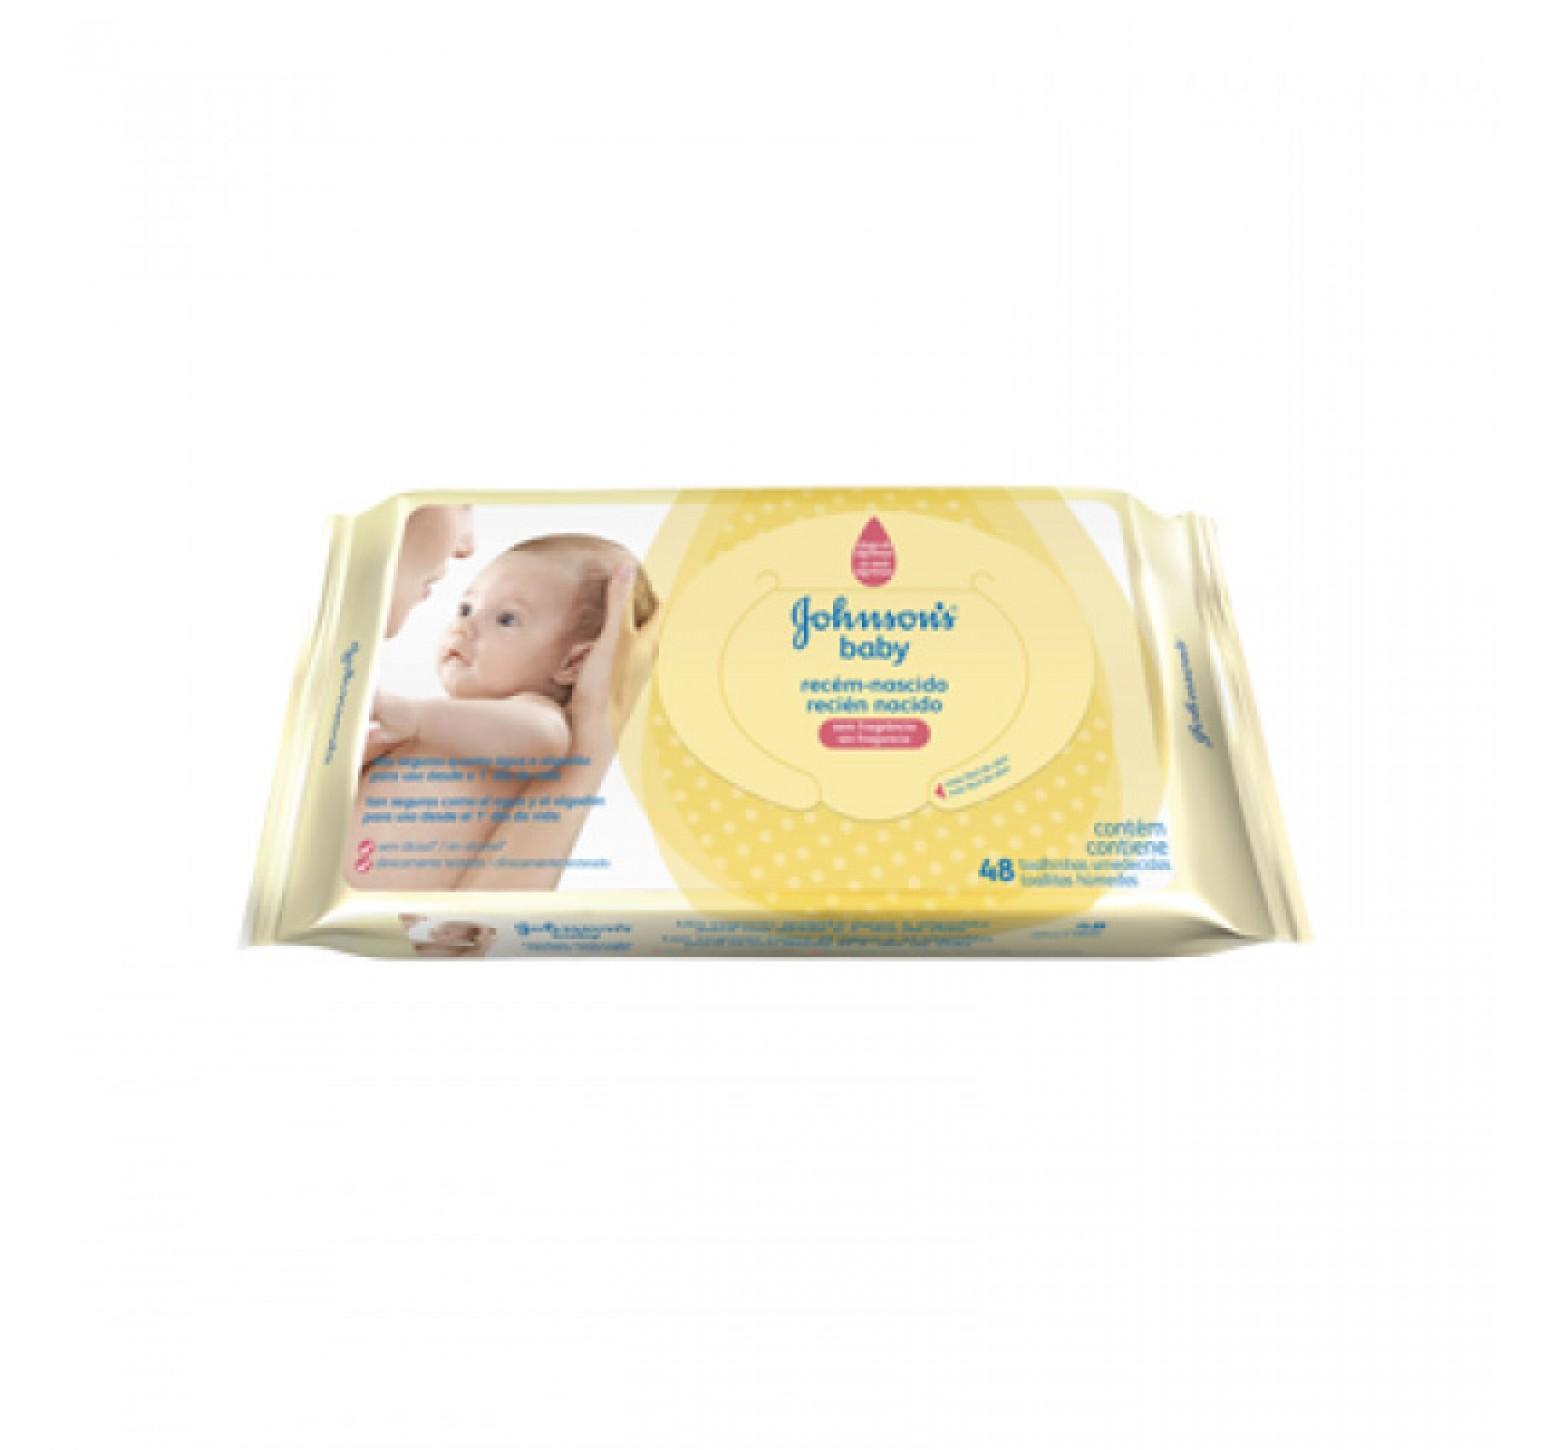 Johnson's Baby Toallitas húmedas recién nacido (48 unidades)